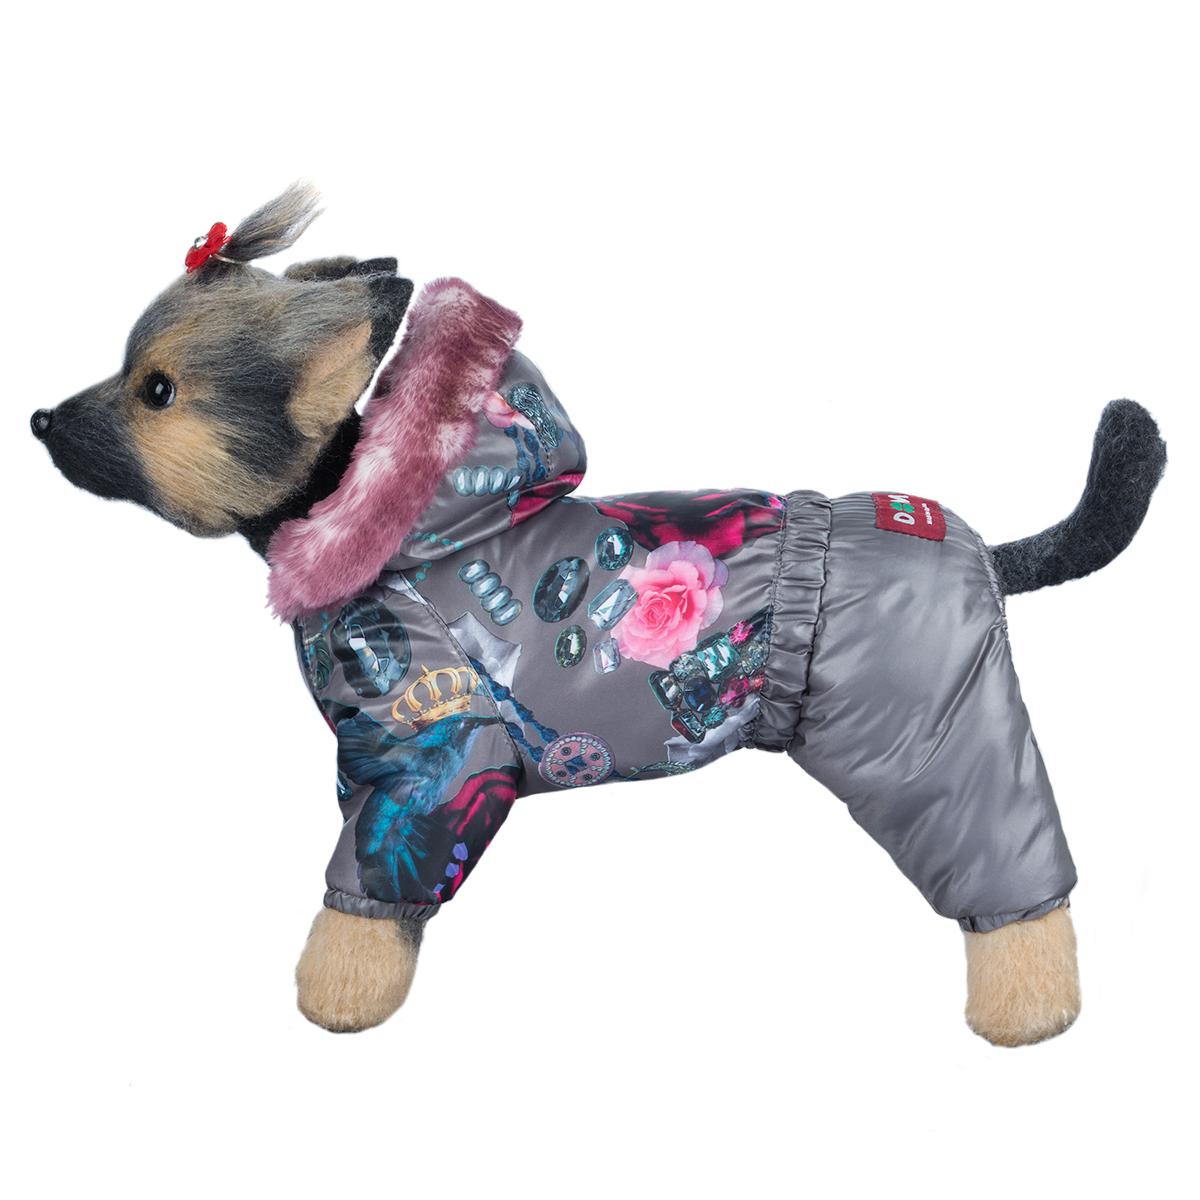 Комбинезон для собак Dogmoda Гламур, для девочки. Размер 4 (XL)0120710Зимний комбинезон для собак Dogmoda Гламурr предназначен для собачек женского пола отлично подойдет для прогулок в зимнее время года. Комбинезон изготовлен из полиэстера, защищающего от ветра и снега, с утеплителем из синтепона, который сохранит тепло даже в сильные морозы, а на подкладке используется искусственный мех, который обеспечивает отличный воздухообмен. Комбинезон с капюшоном застегивается на кнопки, благодаря чему его легко надевать и снимать. Капюшон украшен искусственным мехом и не отстегивается. Низ рукавов и брючин оснащен внутренними резинками, которые мягко обхватывают лапки, не позволяя просачиваться холодному воздуху. На пояснице комбинезон затягивается на шнурок-кулиску. Благодаря такому комбинезону простуда не грозит вашему питомцу.